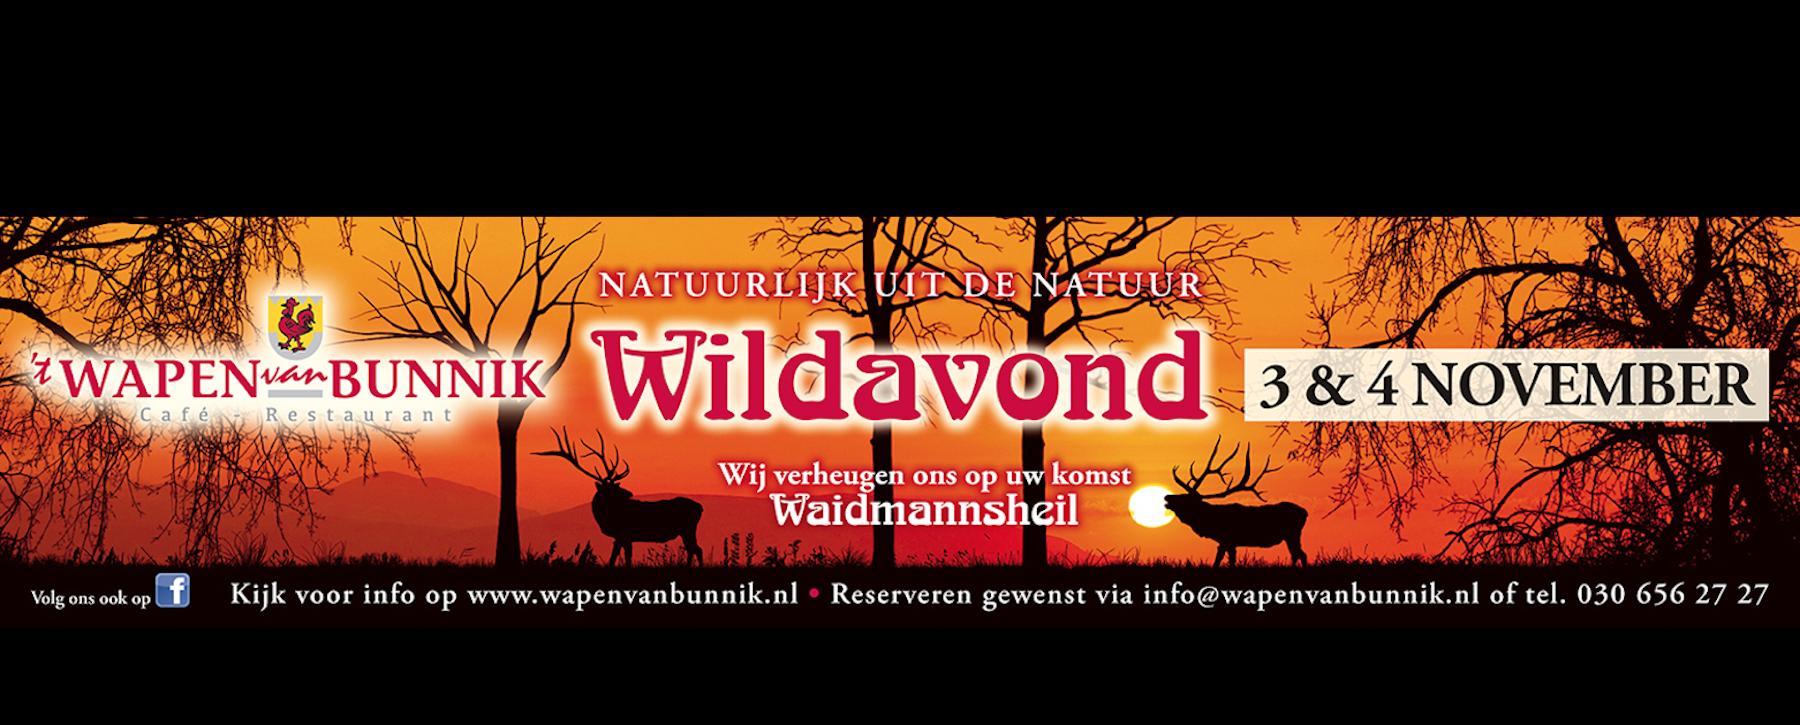 Wildavond 3 en 4 november - 't Wapen van Bunnik